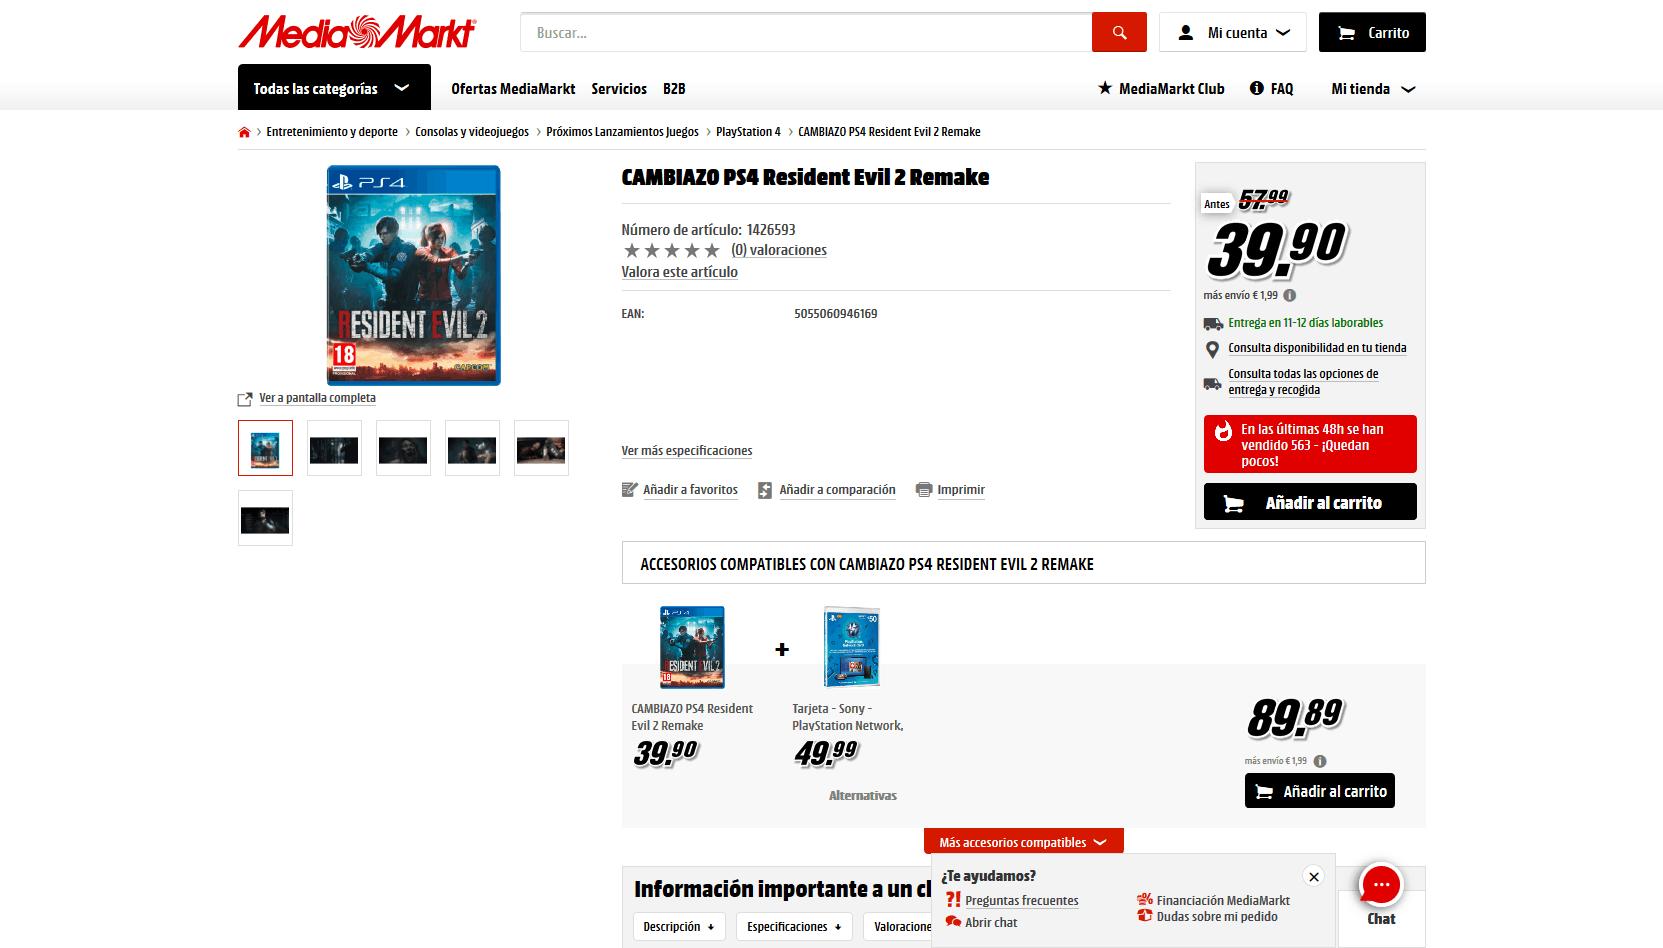 Cambiazo en Media Markt para Resident Evil 2 Remake por 39.90€